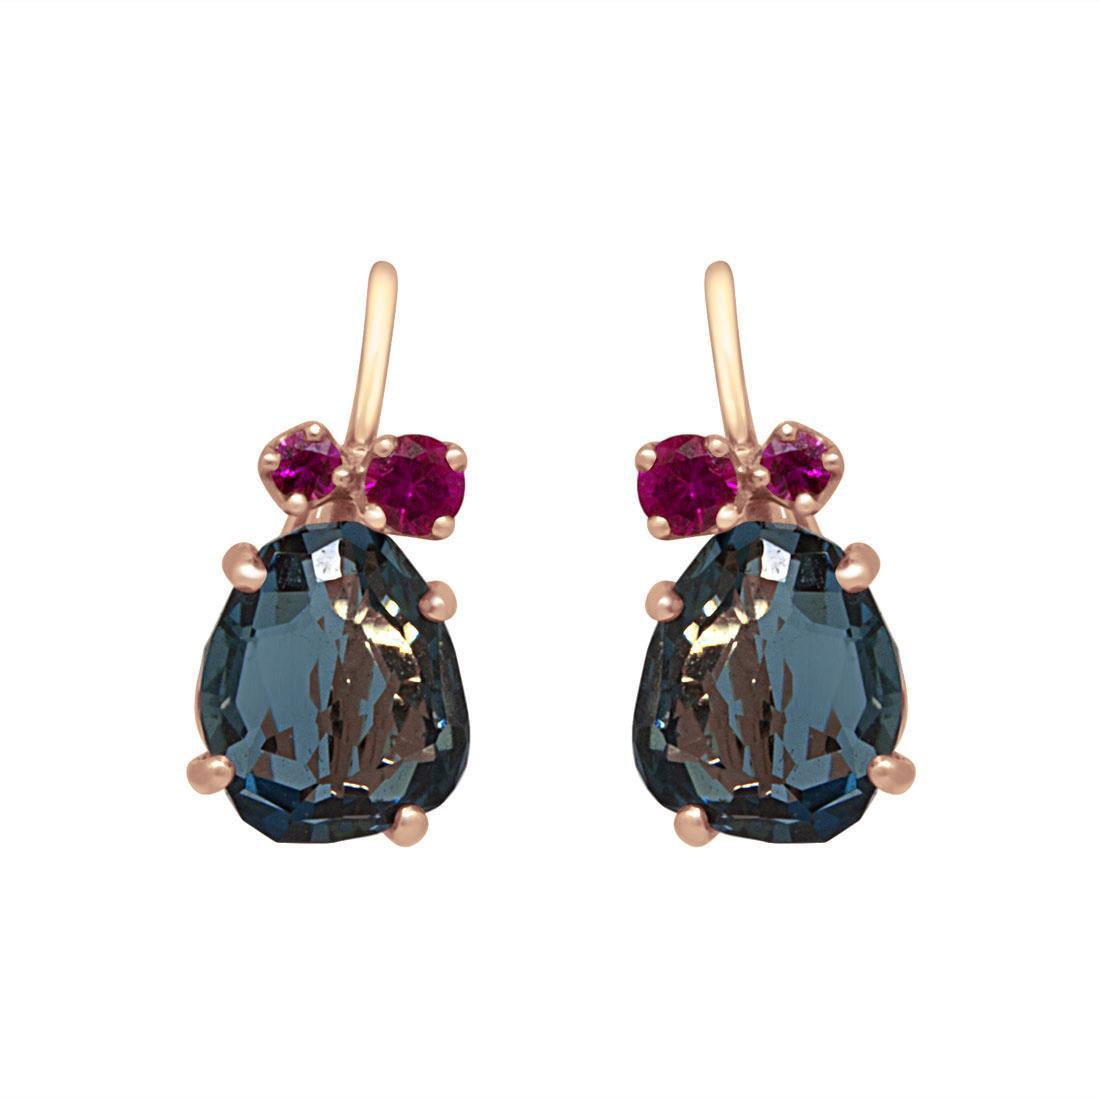 orecchini in oro rosa e con topazio blu e zaffiri rosa - POMELLATO